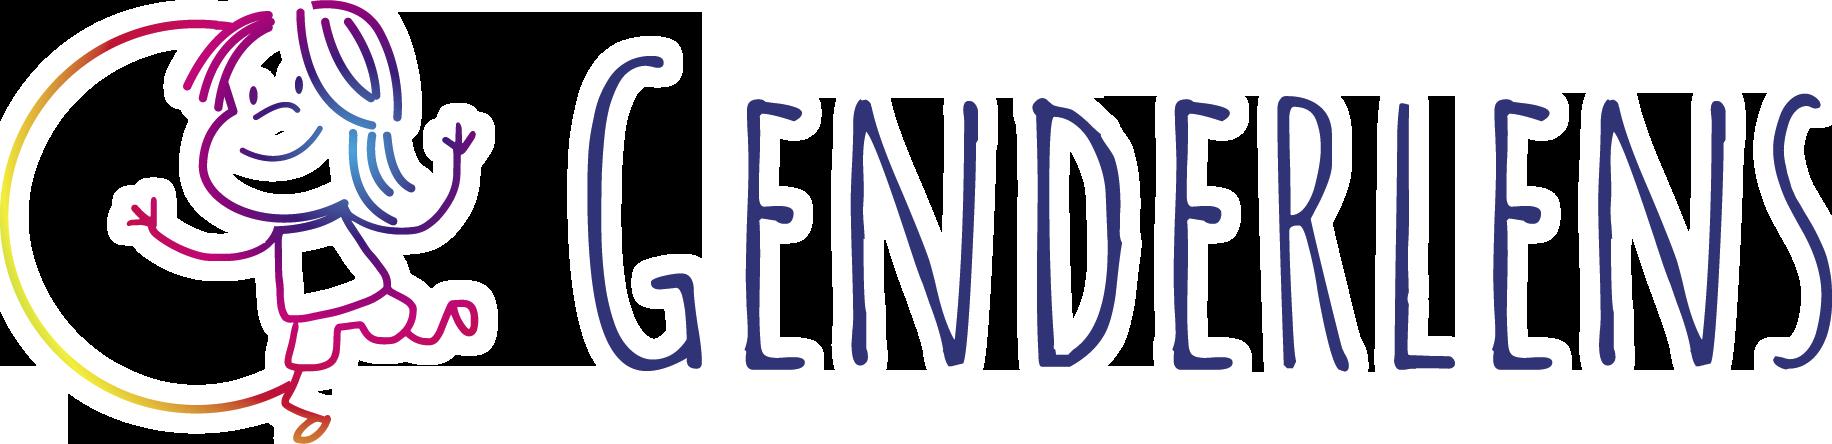 GenderLens